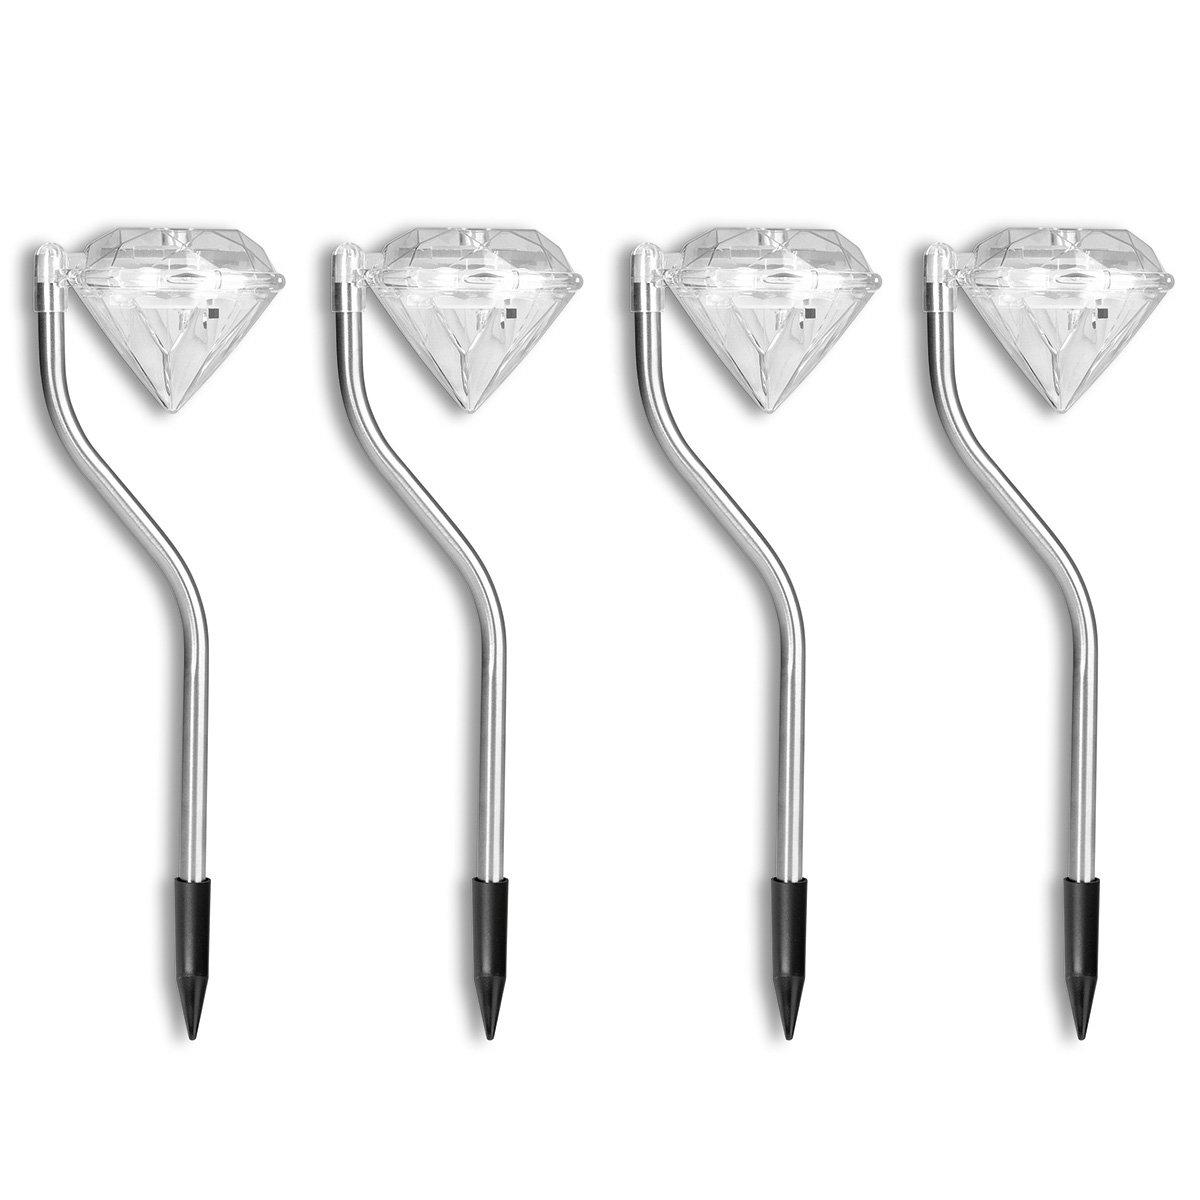 EASYmaxx Solar-Leuchte Diamant, 4er-Set | #3